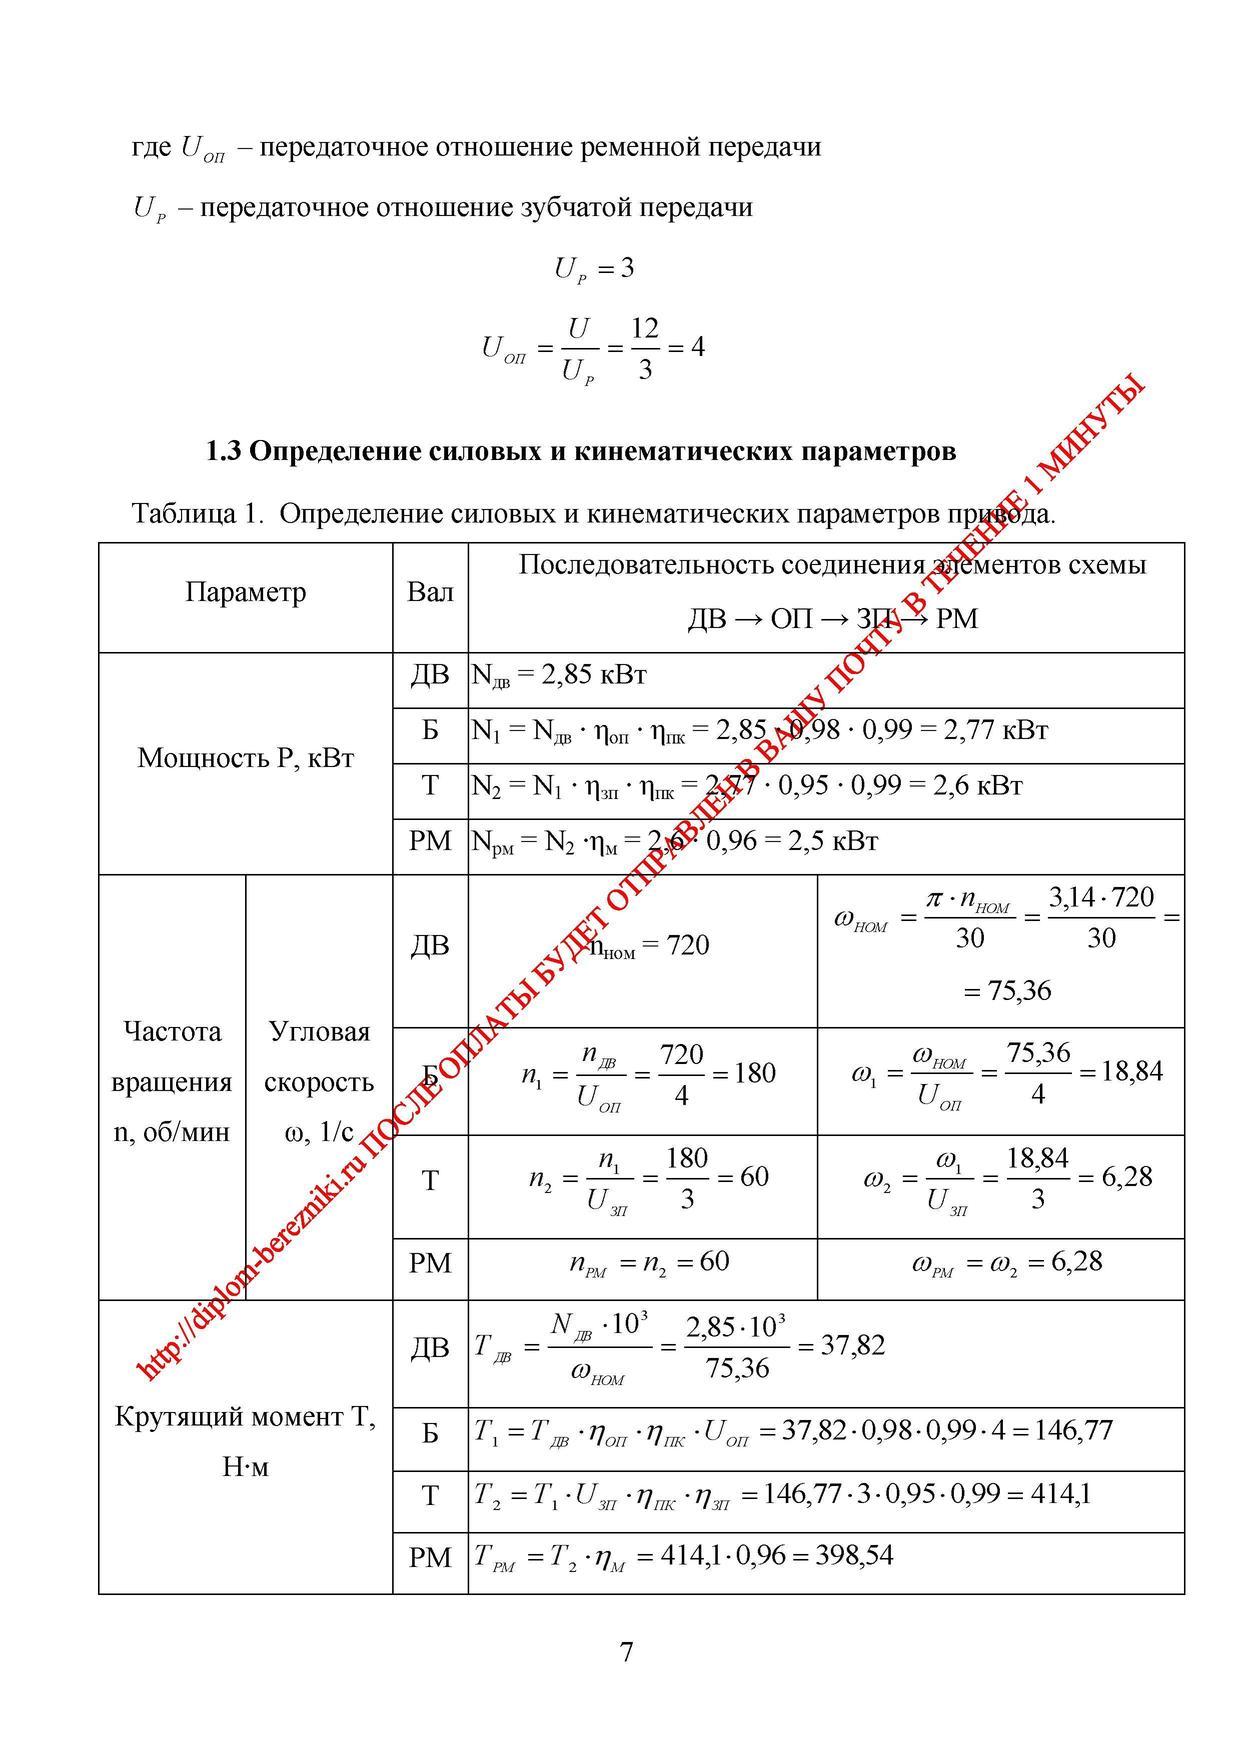 Расчет одноступенчатого редуктора с конической передачей